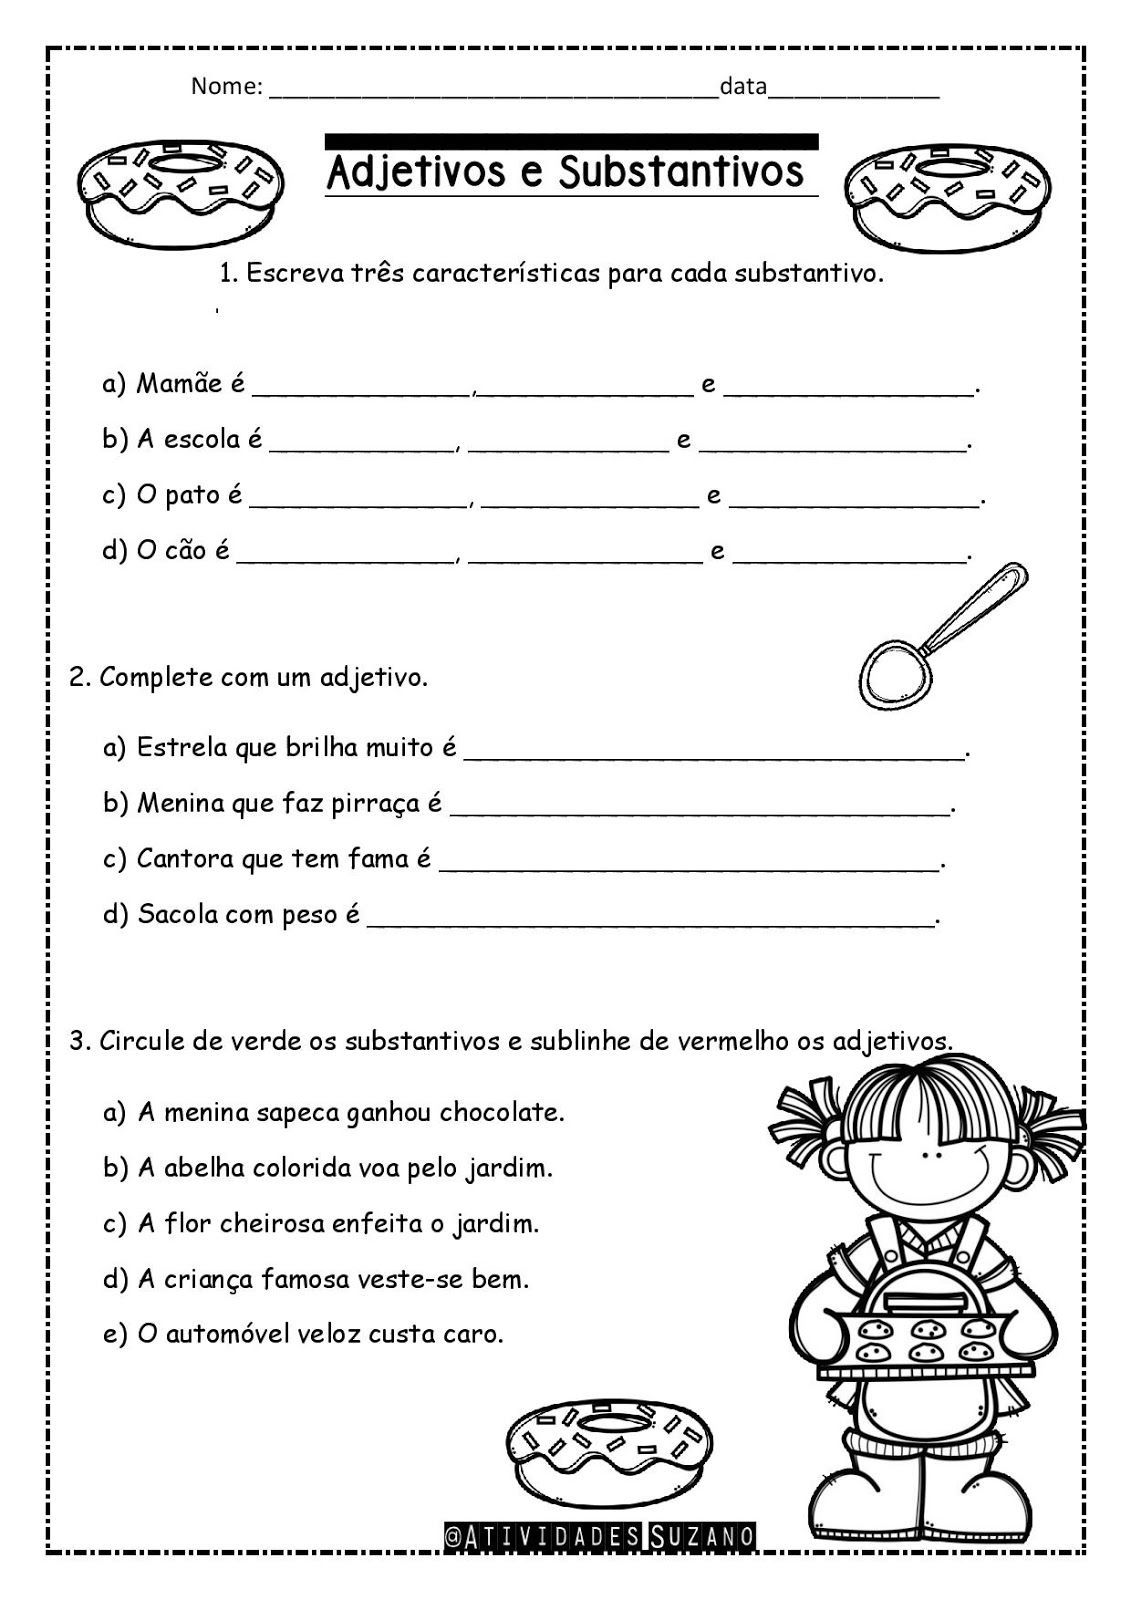 Pin De Vi Araujo Da Silva Em Atividades 4 Atividades Adjetivos